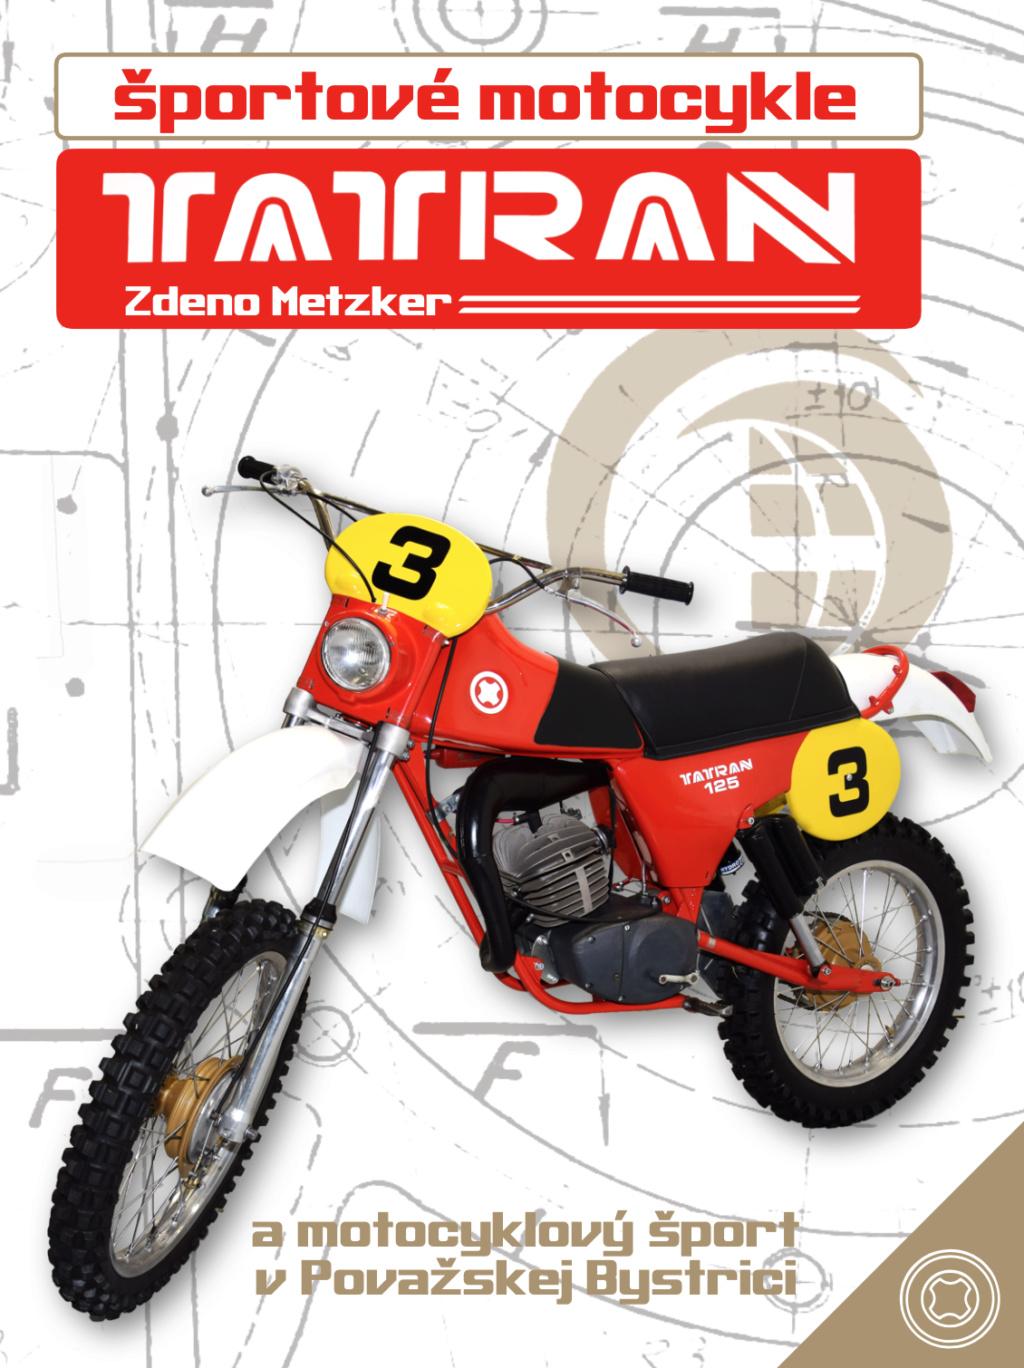 Manet, Tatran et autres véhicules slovaques Tatran10